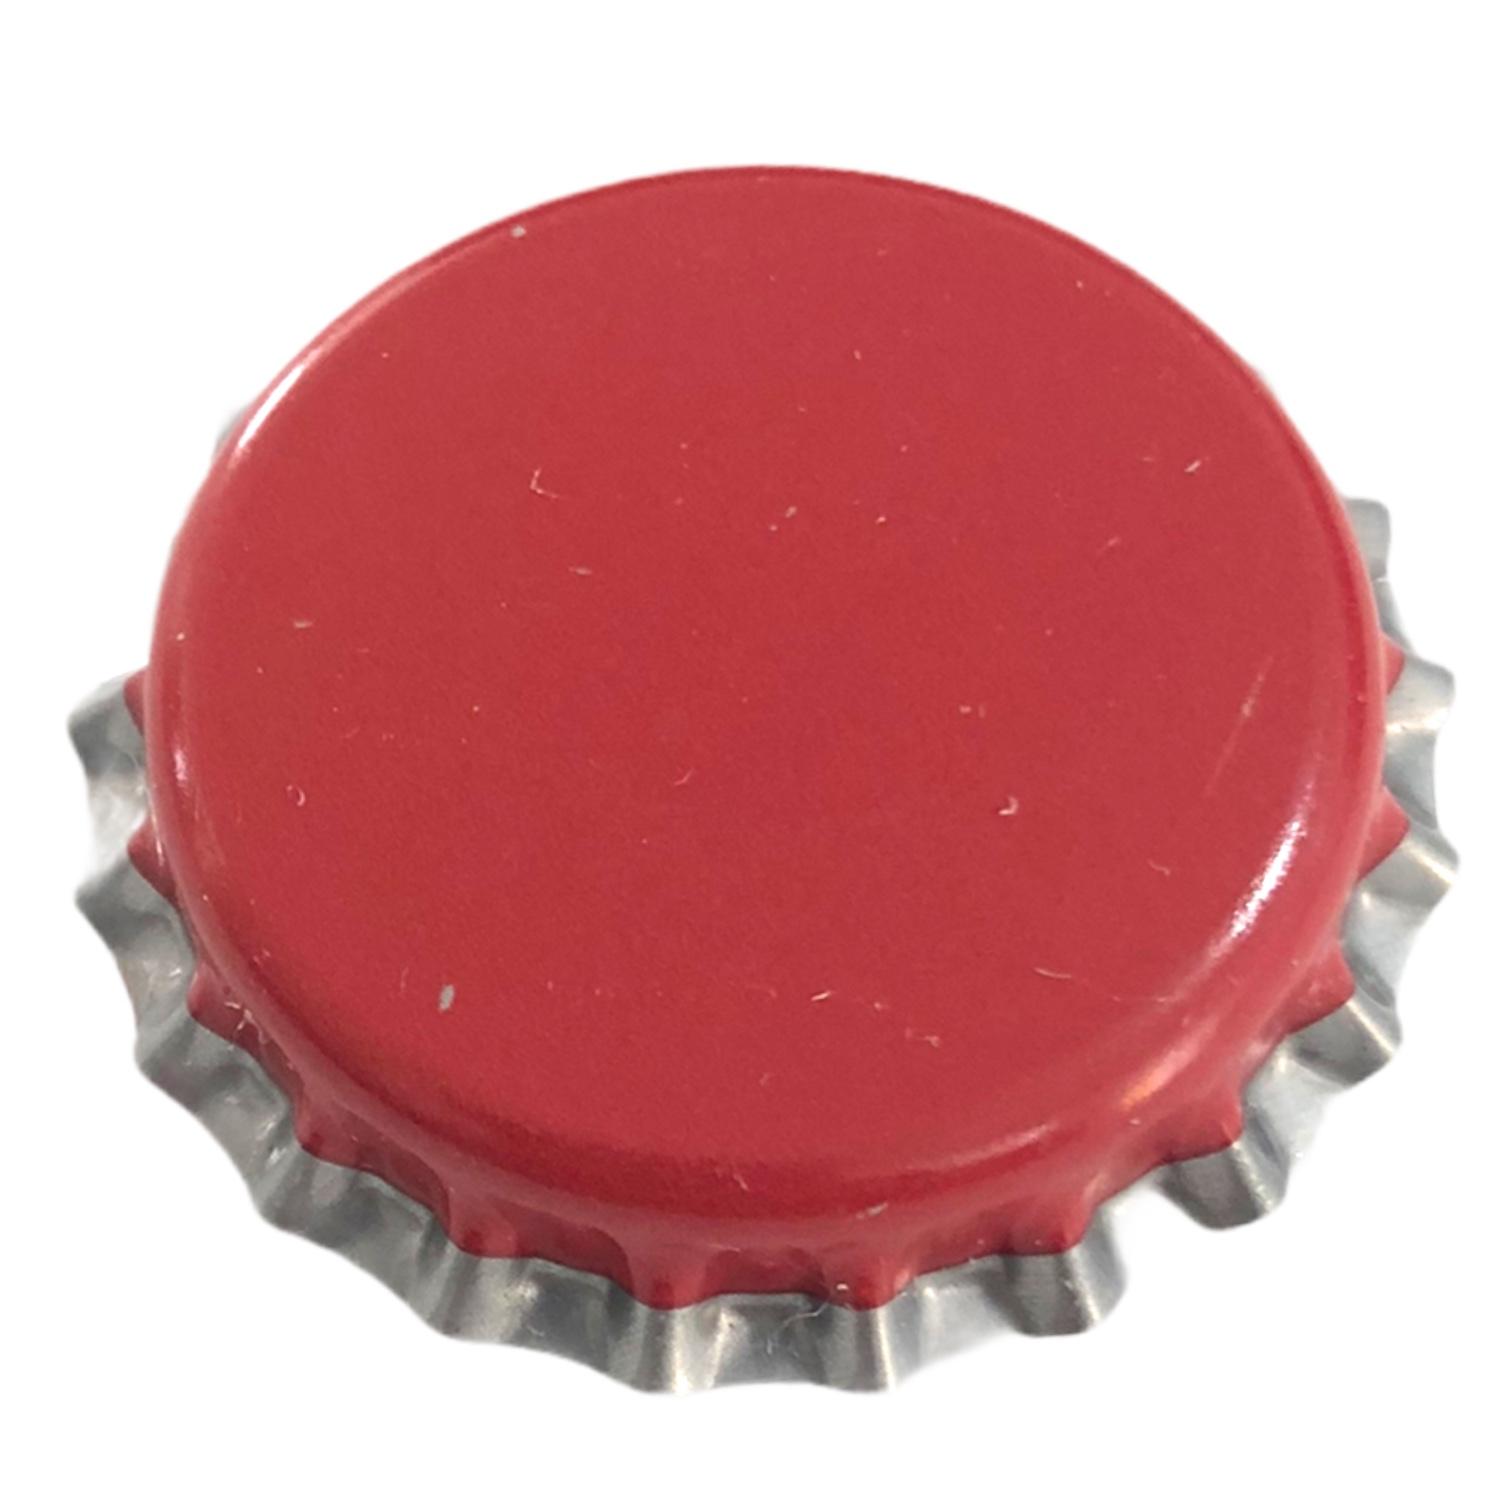 Tampinha Vermelha Borda Prata PRY OFF - Pac c/100